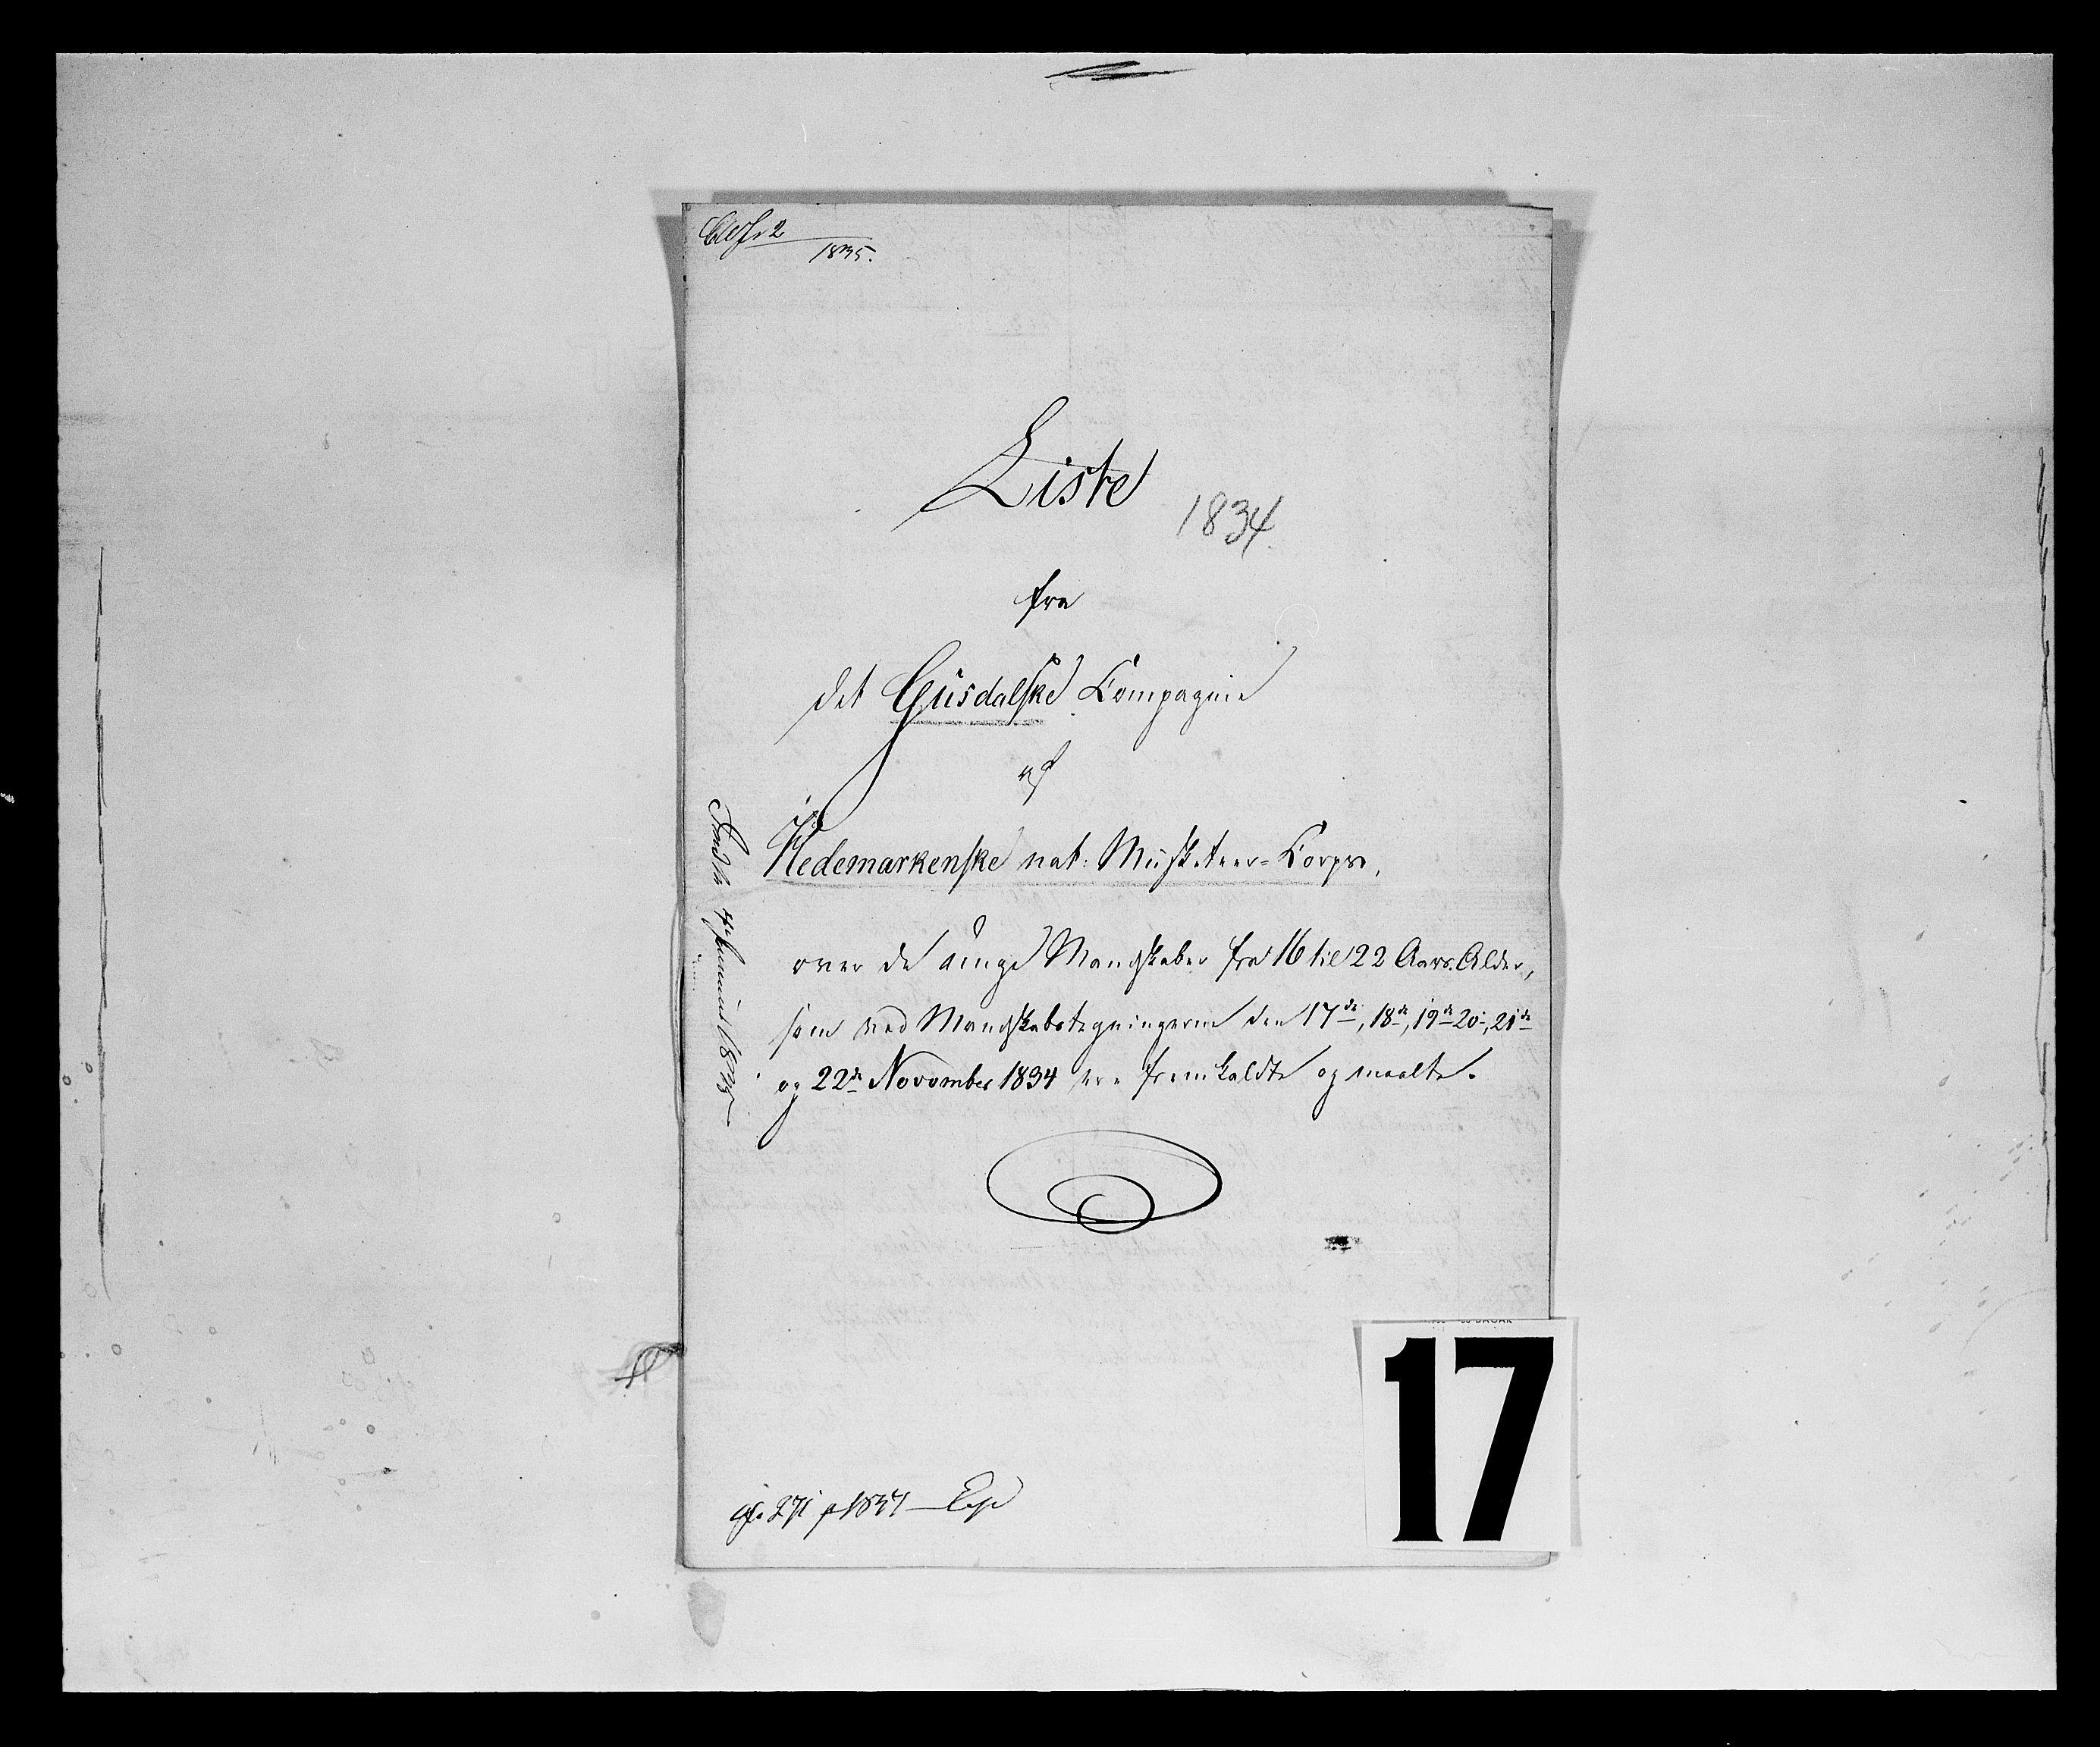 SAH, Fylkesmannen i Oppland, K/Ka/L1155: Gudbrandsdalen nasjonale musketérkorps - Gausdalske kompani, 3. og 4. divisjon av Opland landvernsbataljon, 1818-1860, p. 42